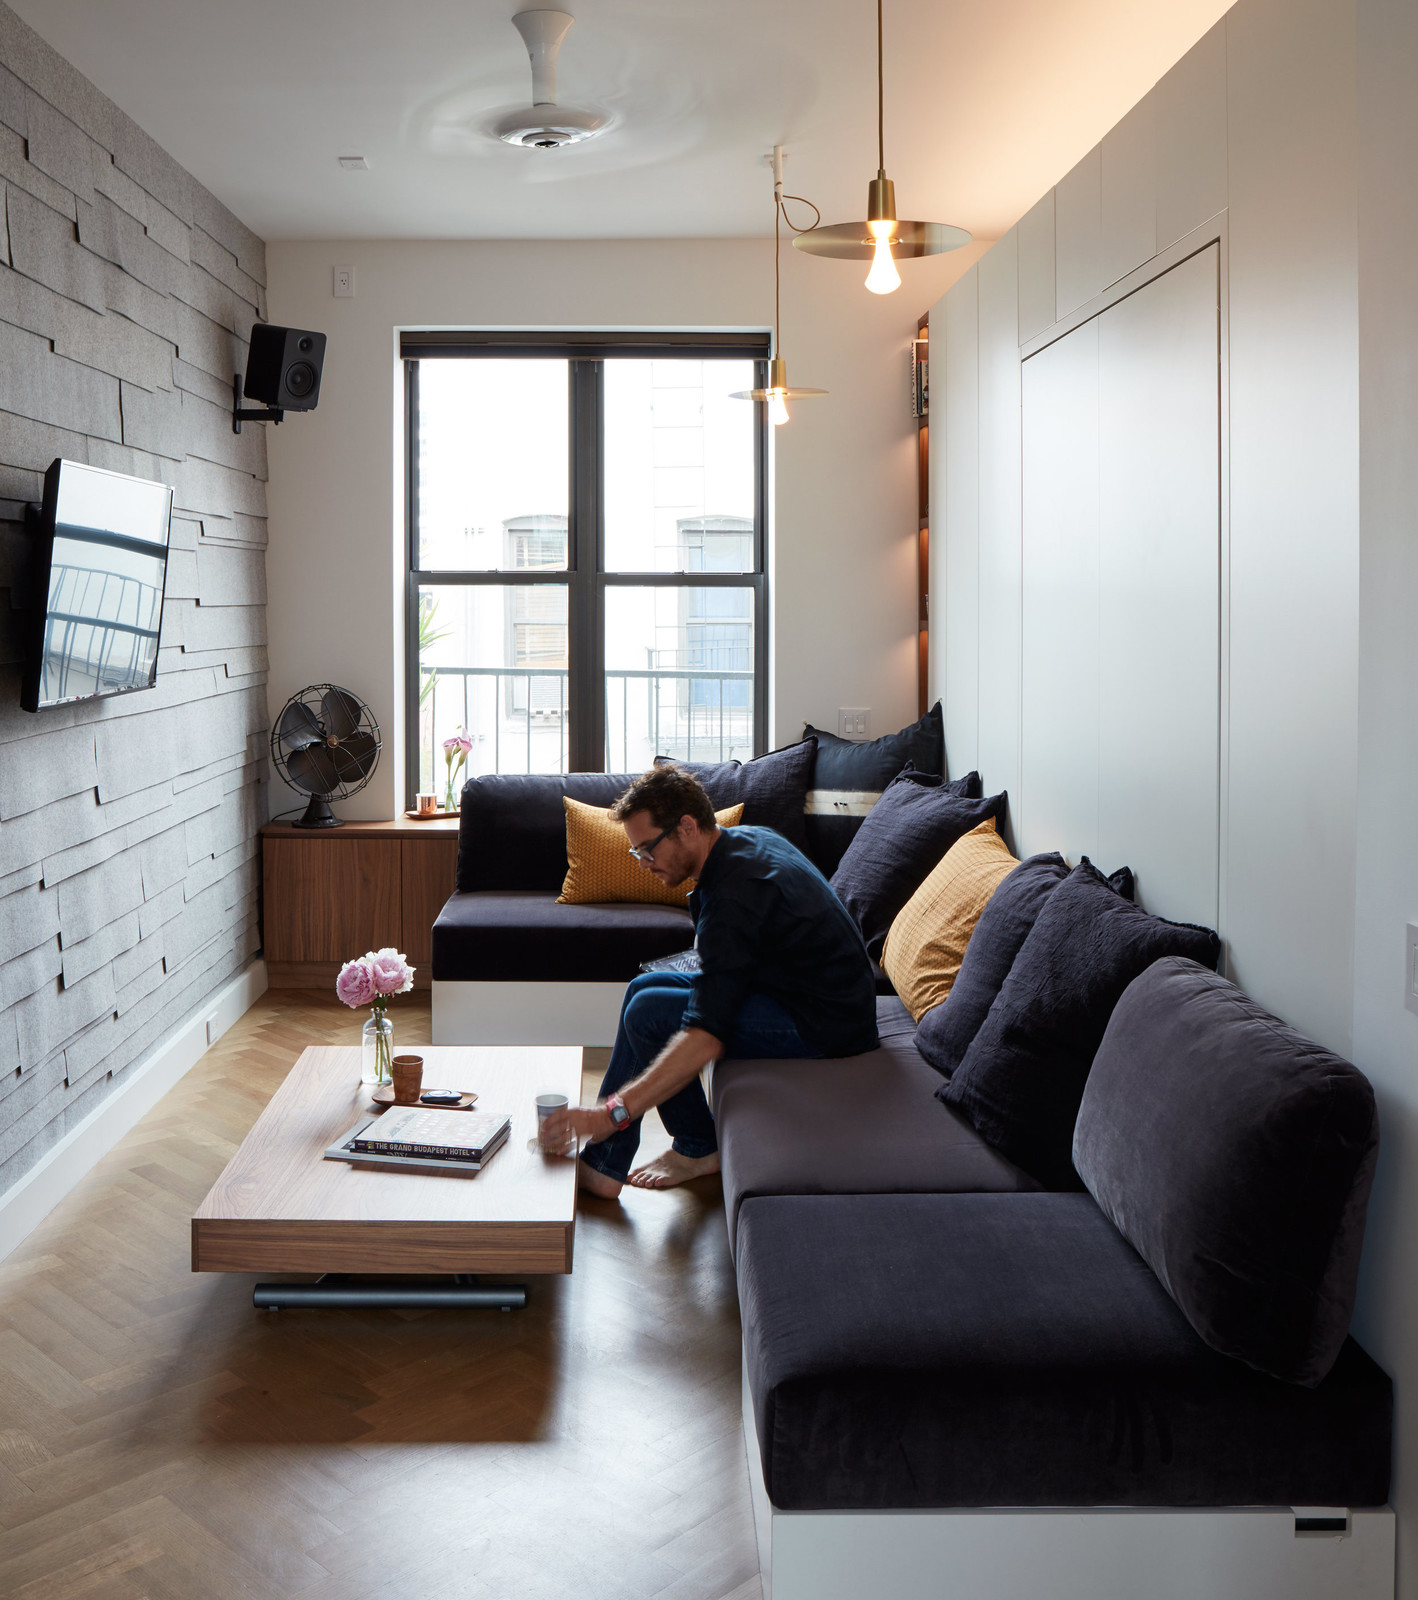 Идеи для однокомнатной квартиры с гостиной